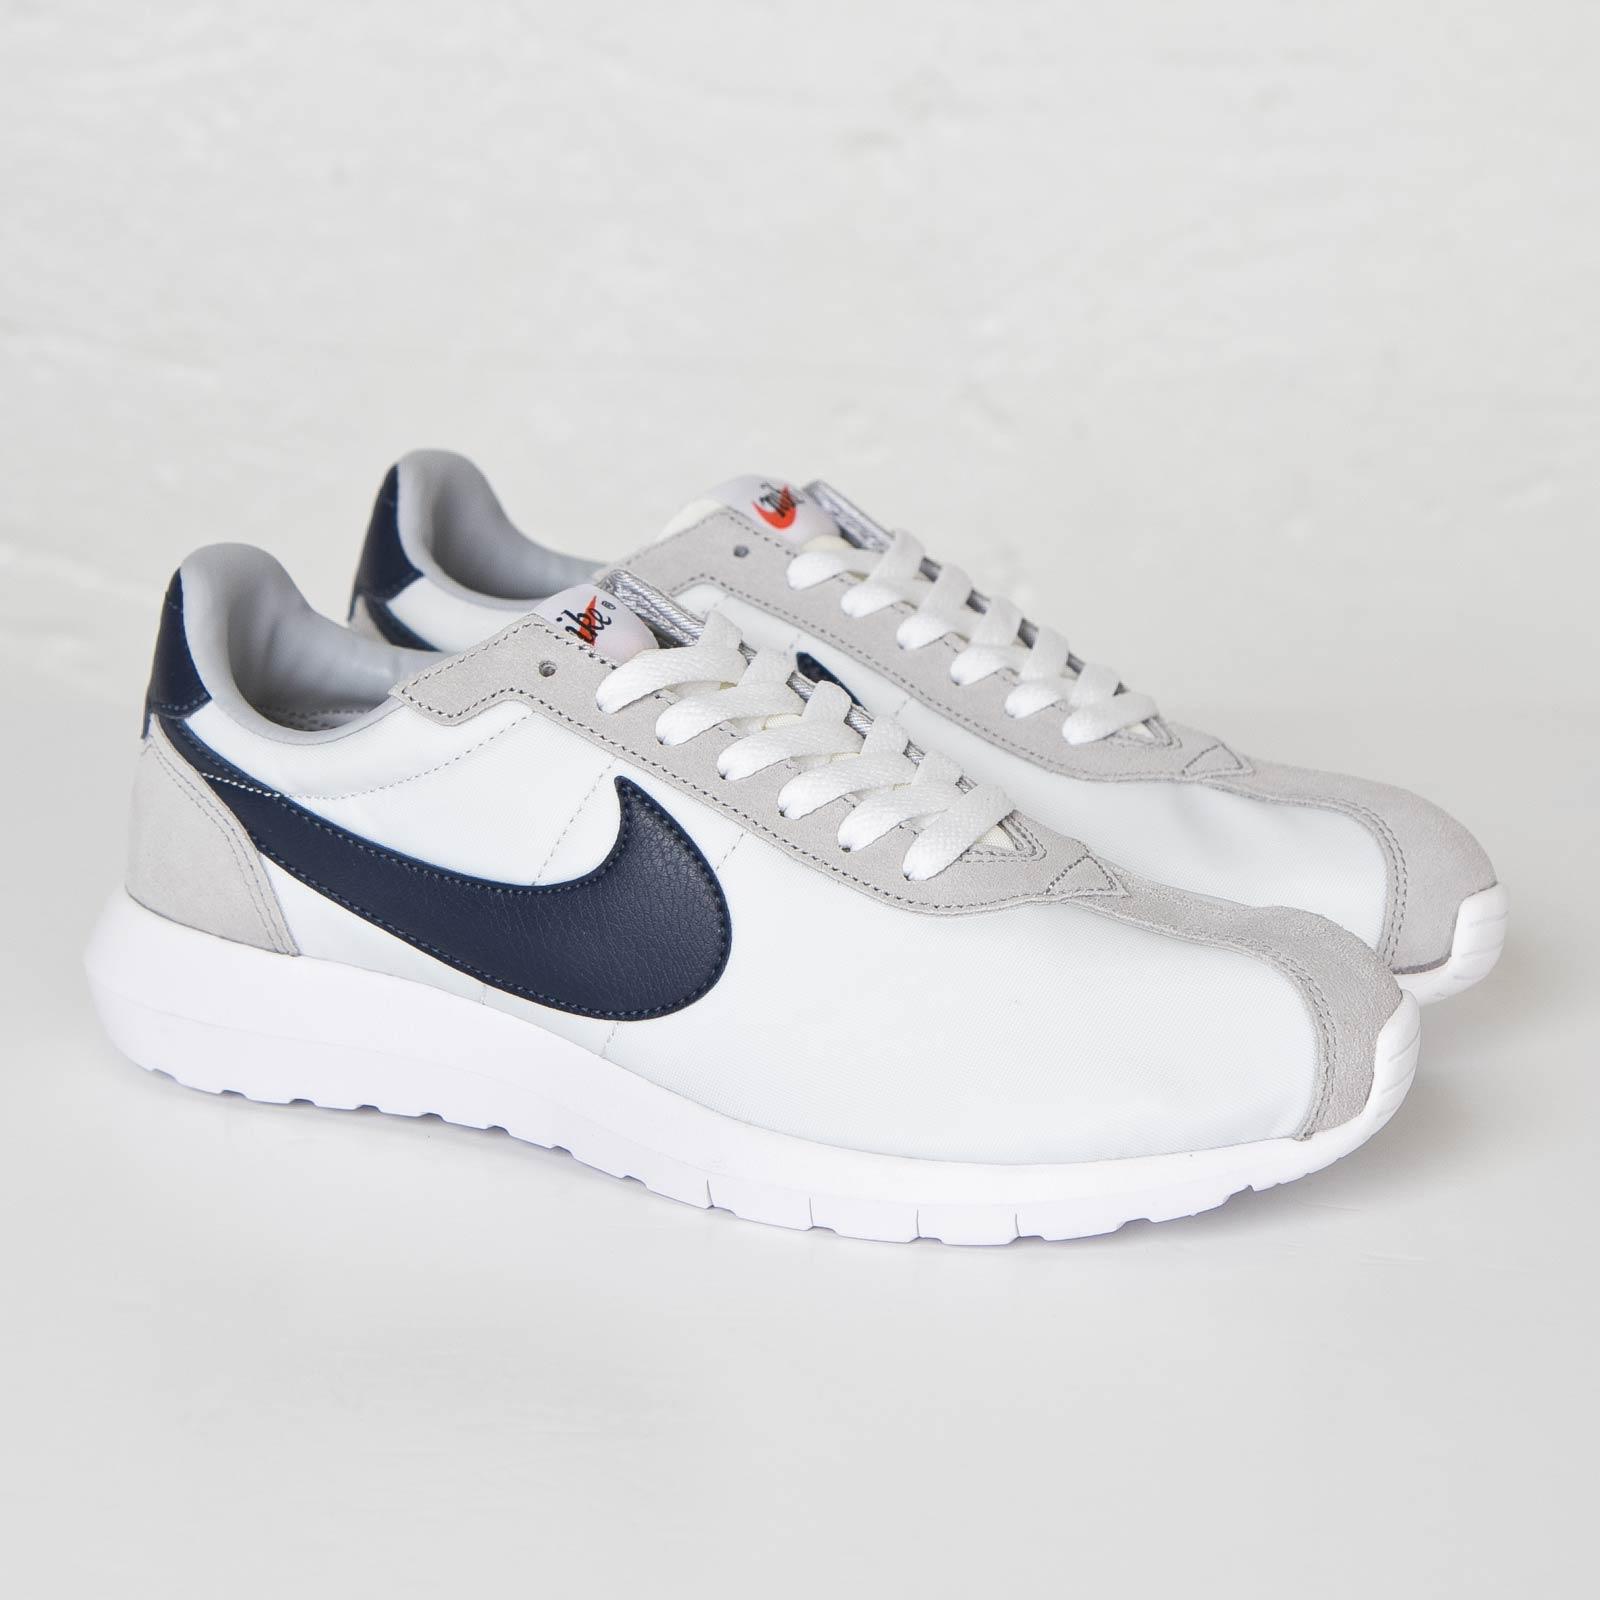 Nike Roshe LD 1000 QS 802022 002 Sneakersnstuff